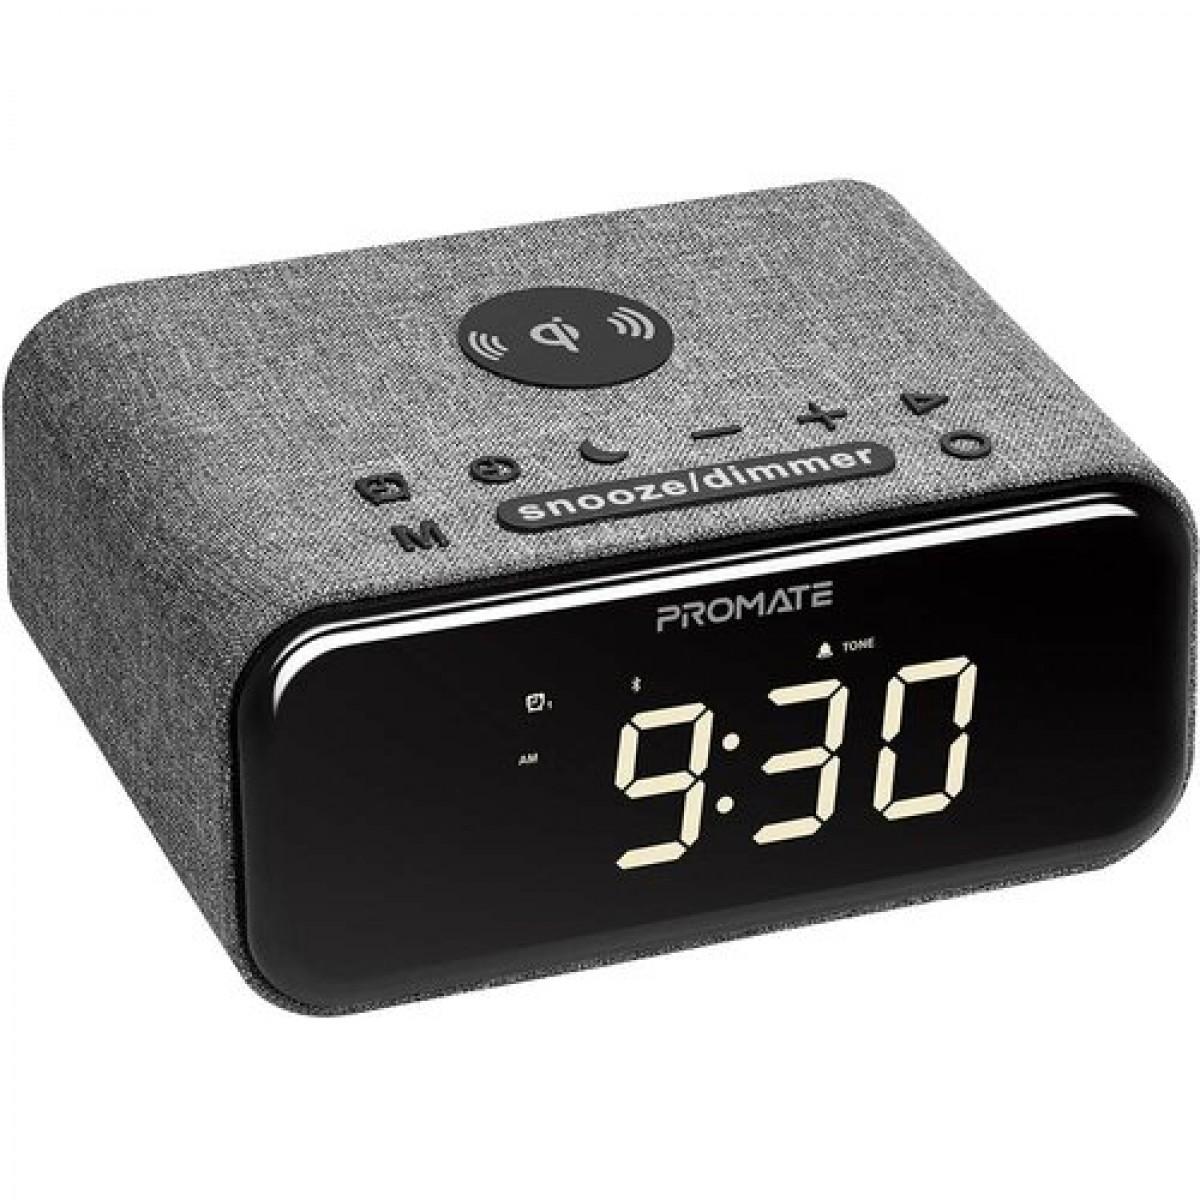 قاعده شاحن سريع لاسلكي 5 واط بمنفذ يو اس بي4.2 ايه للهواتف ابل، مع ساعة منبه ومكبر صوت